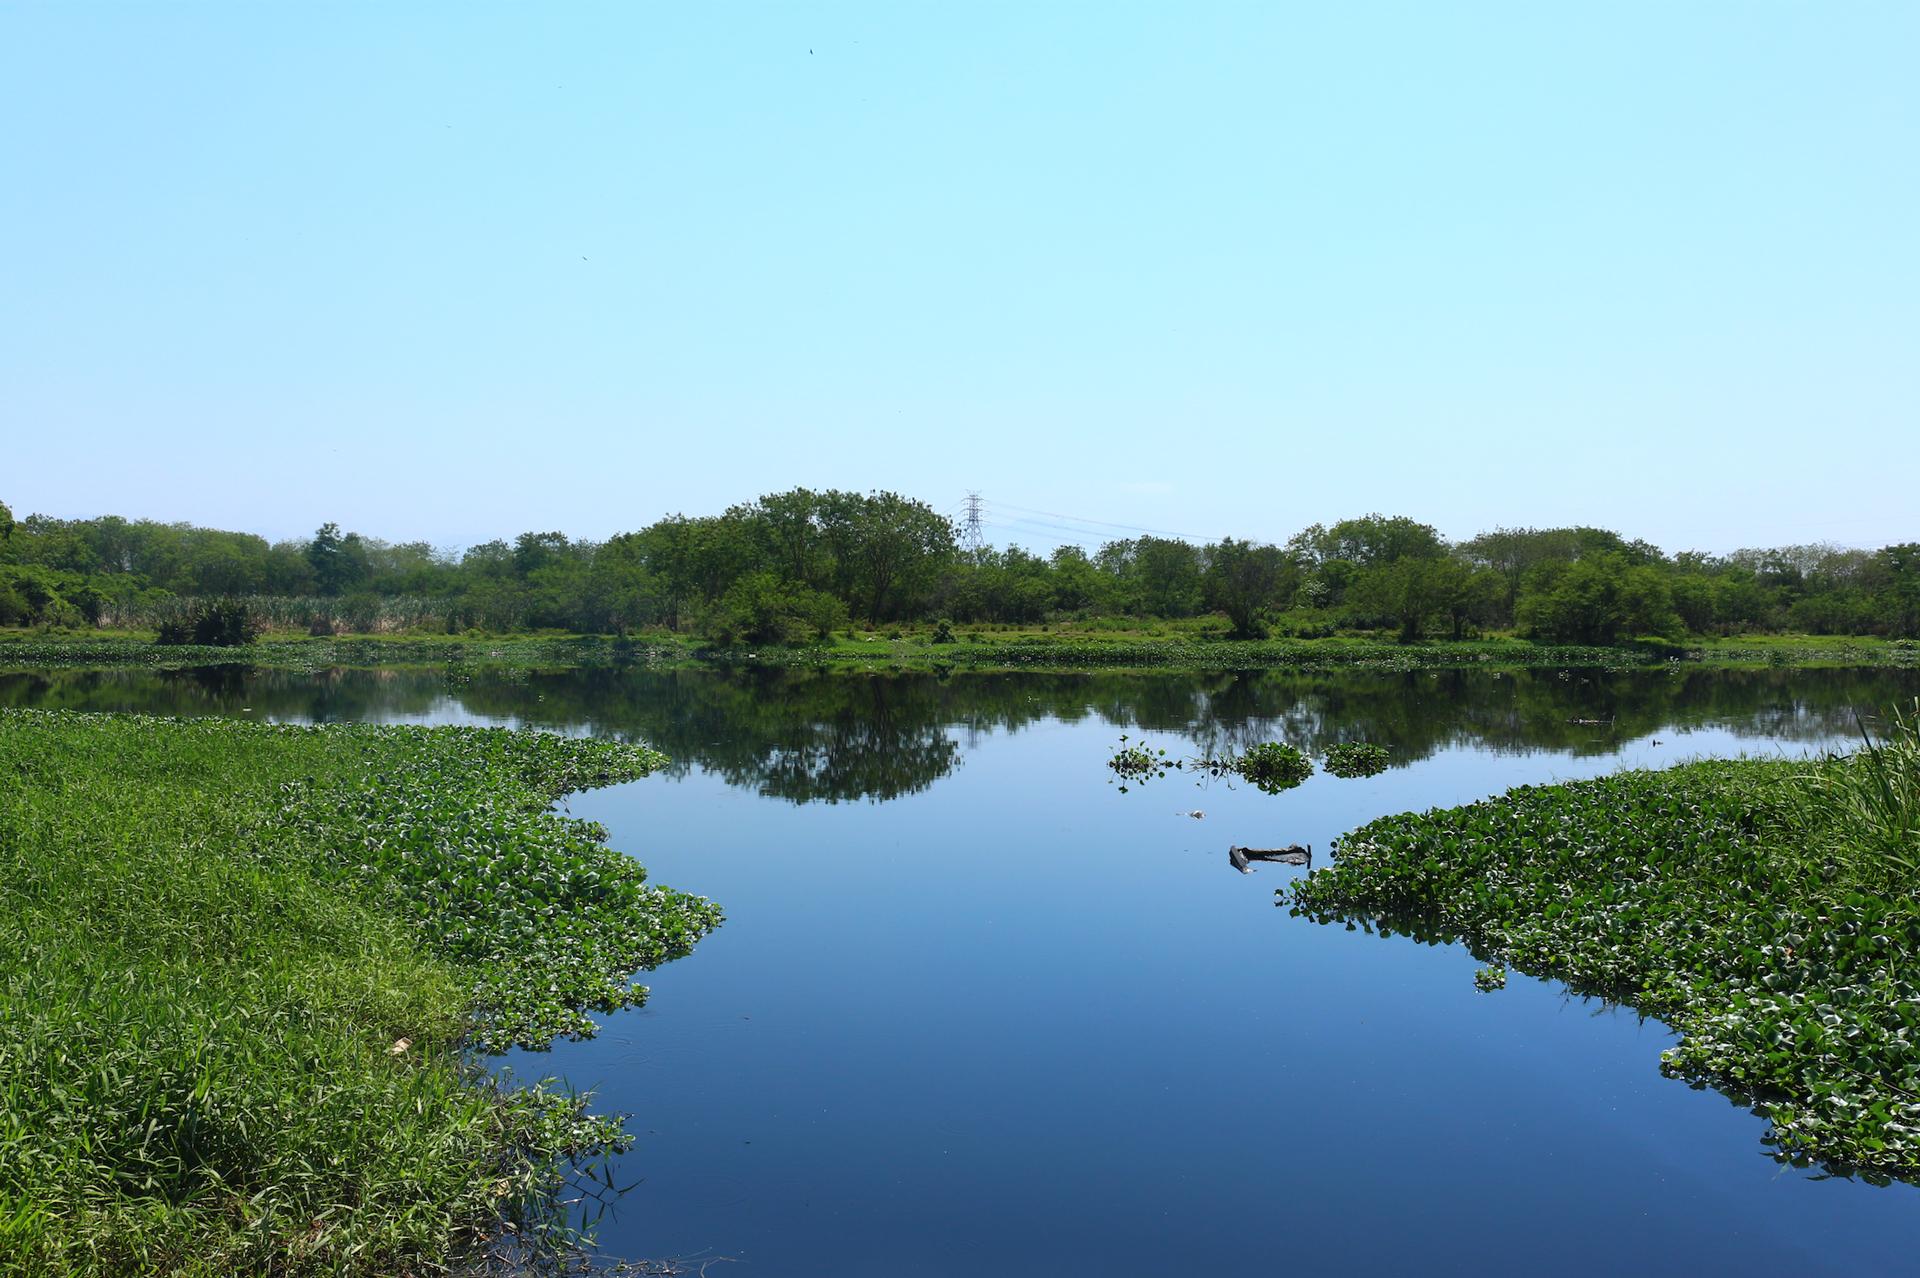 Cercado por los ríos Iguaçu y Sarapuí, Guedes parece estar brotando de un oasis verde, ya que el área está cercada de manglares y taboas [espadaña tropical], una planta que crece en regiones pantanosas.